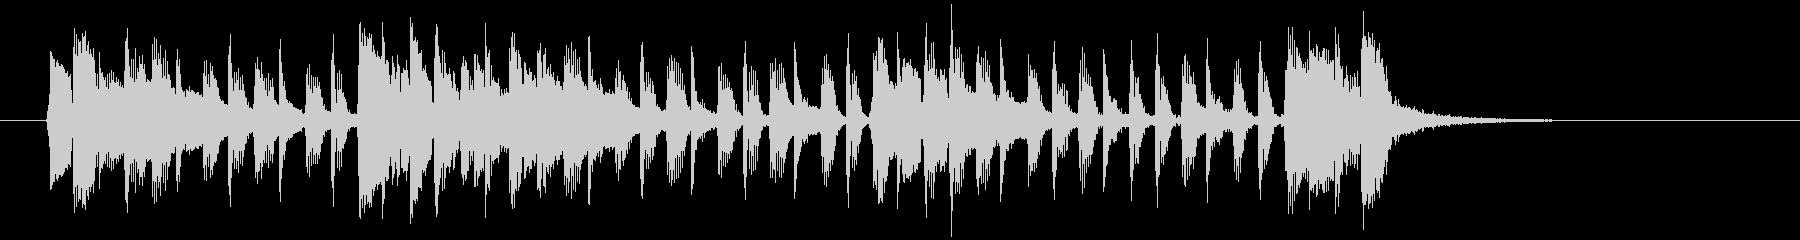 アコギが特徴なポップスバンドのジングルの未再生の波形